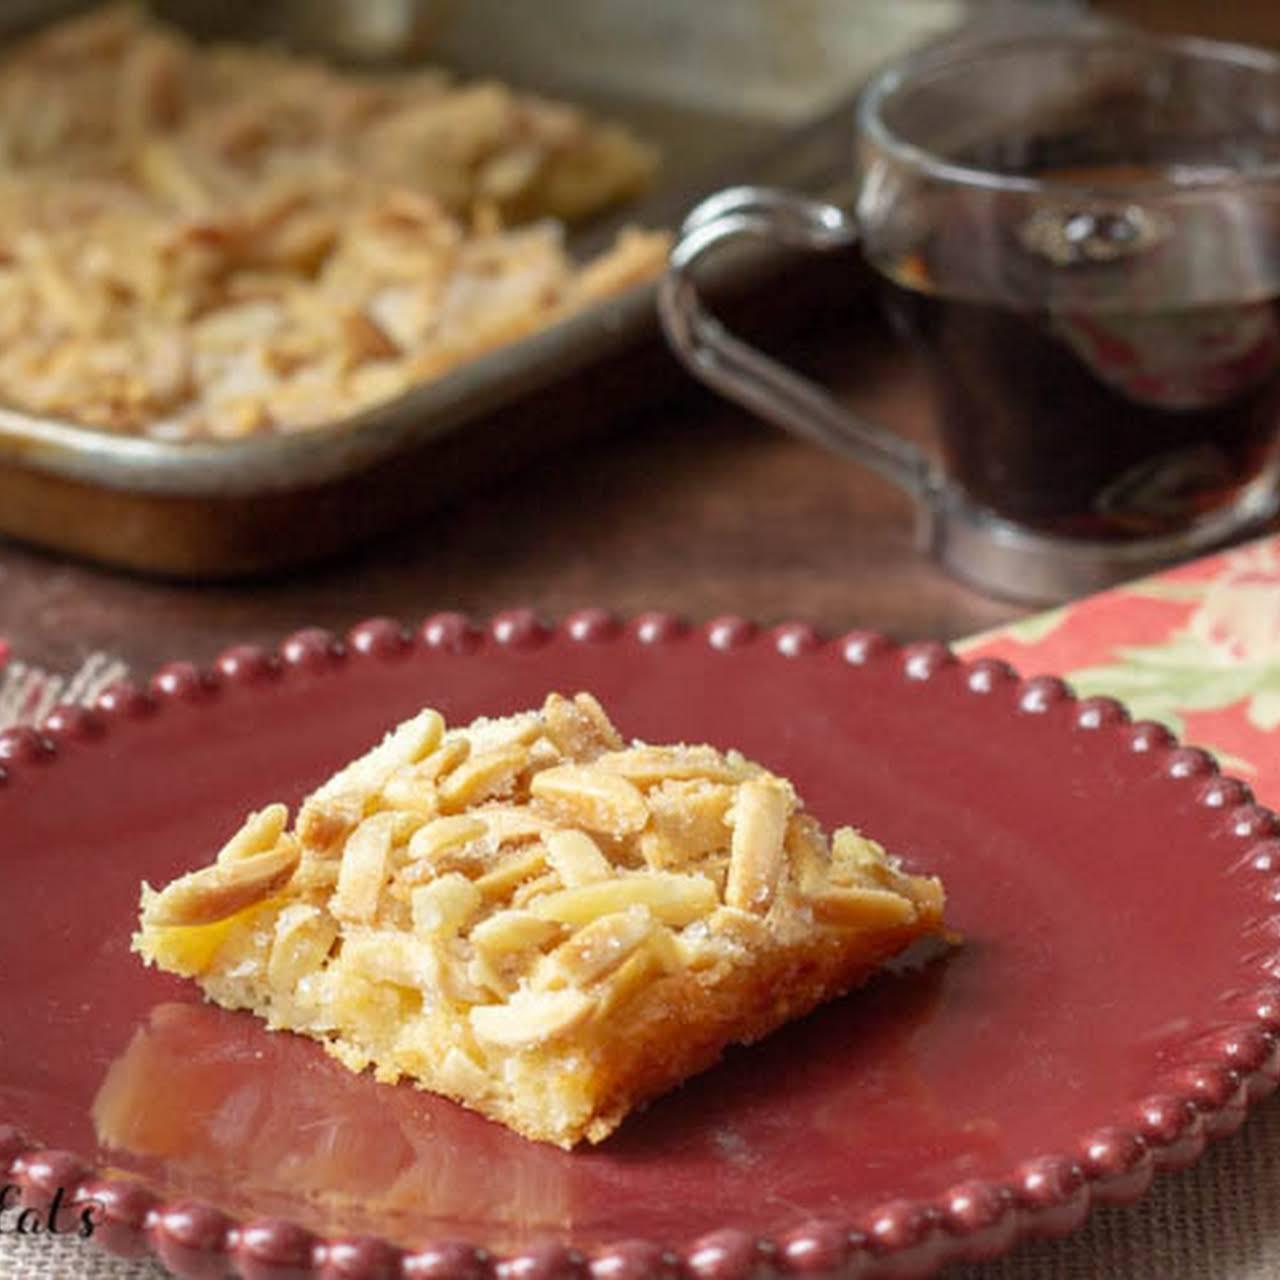 Mozzarella in Pastry Dough?